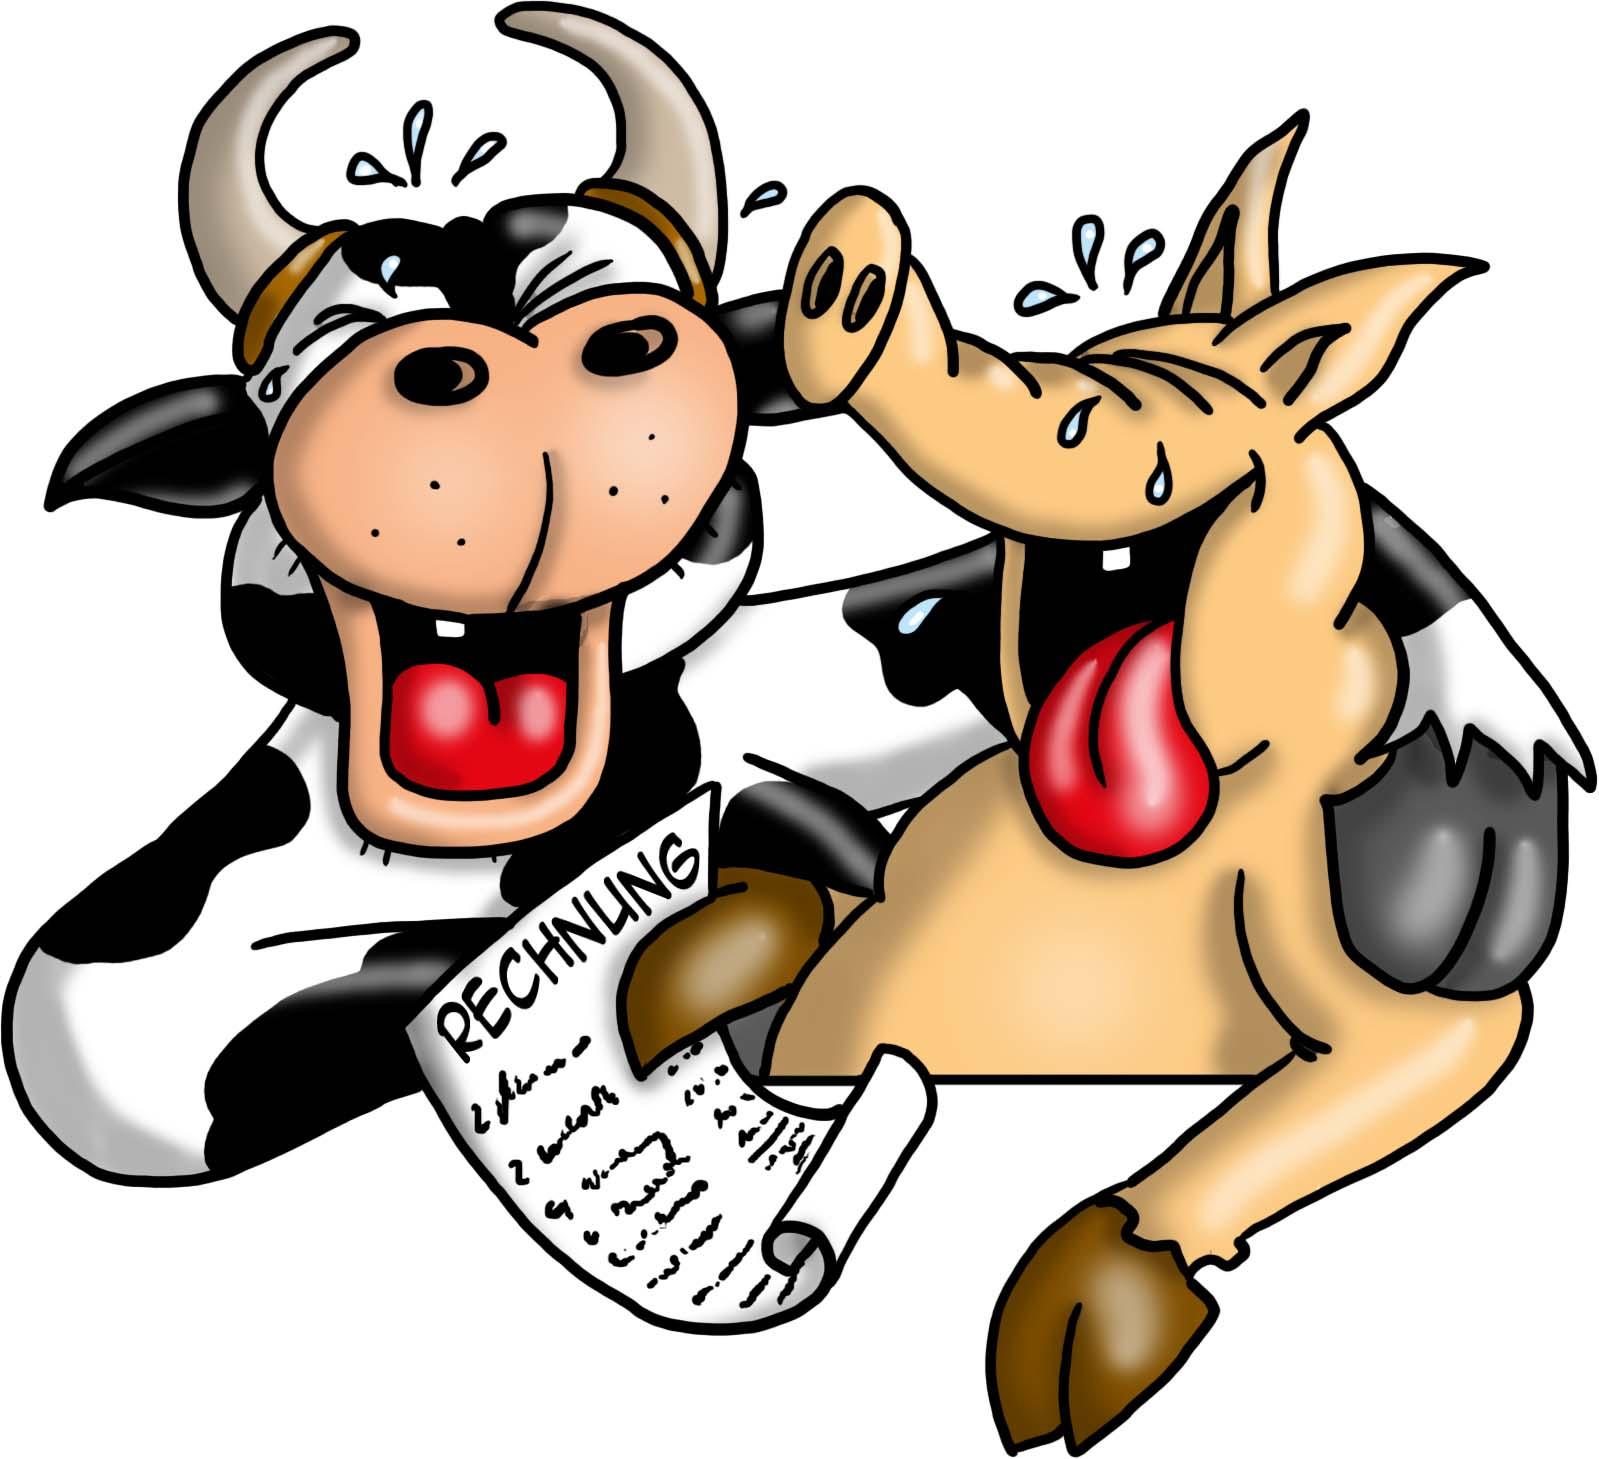 001 Kuh und schwein lachend frei